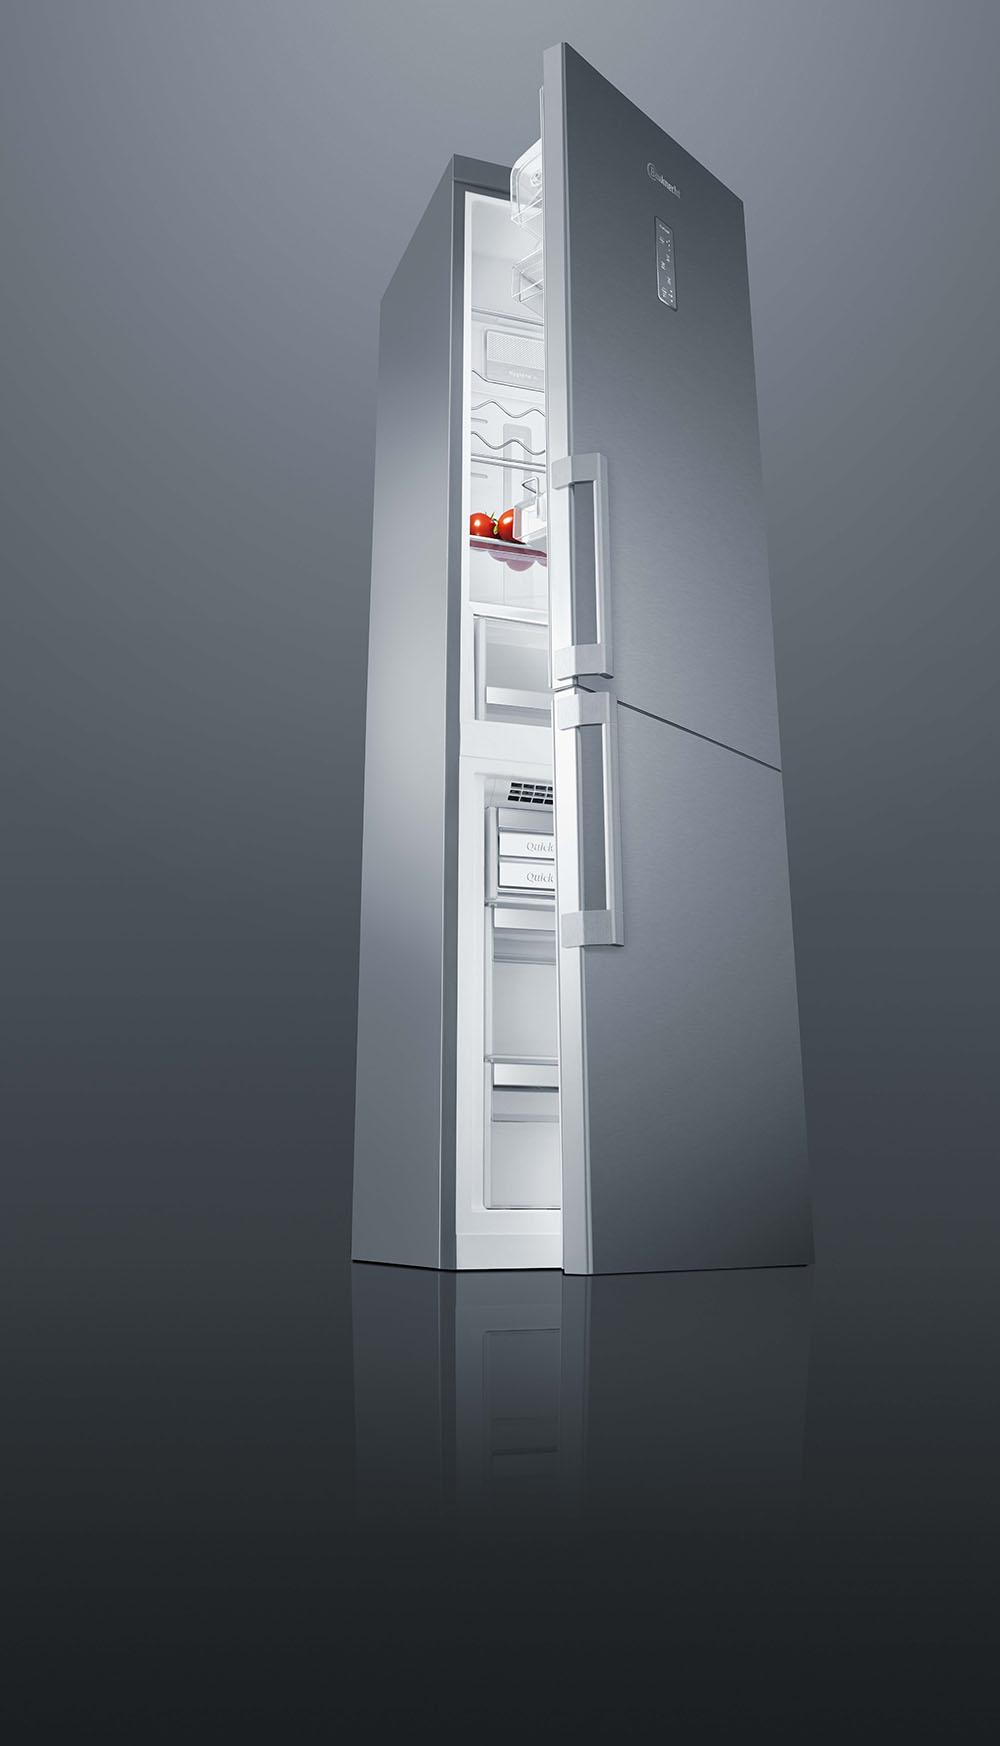 bauknecht ultimate nofrost k hl gefrierkombination kgnf20p0da4 in. Black Bedroom Furniture Sets. Home Design Ideas